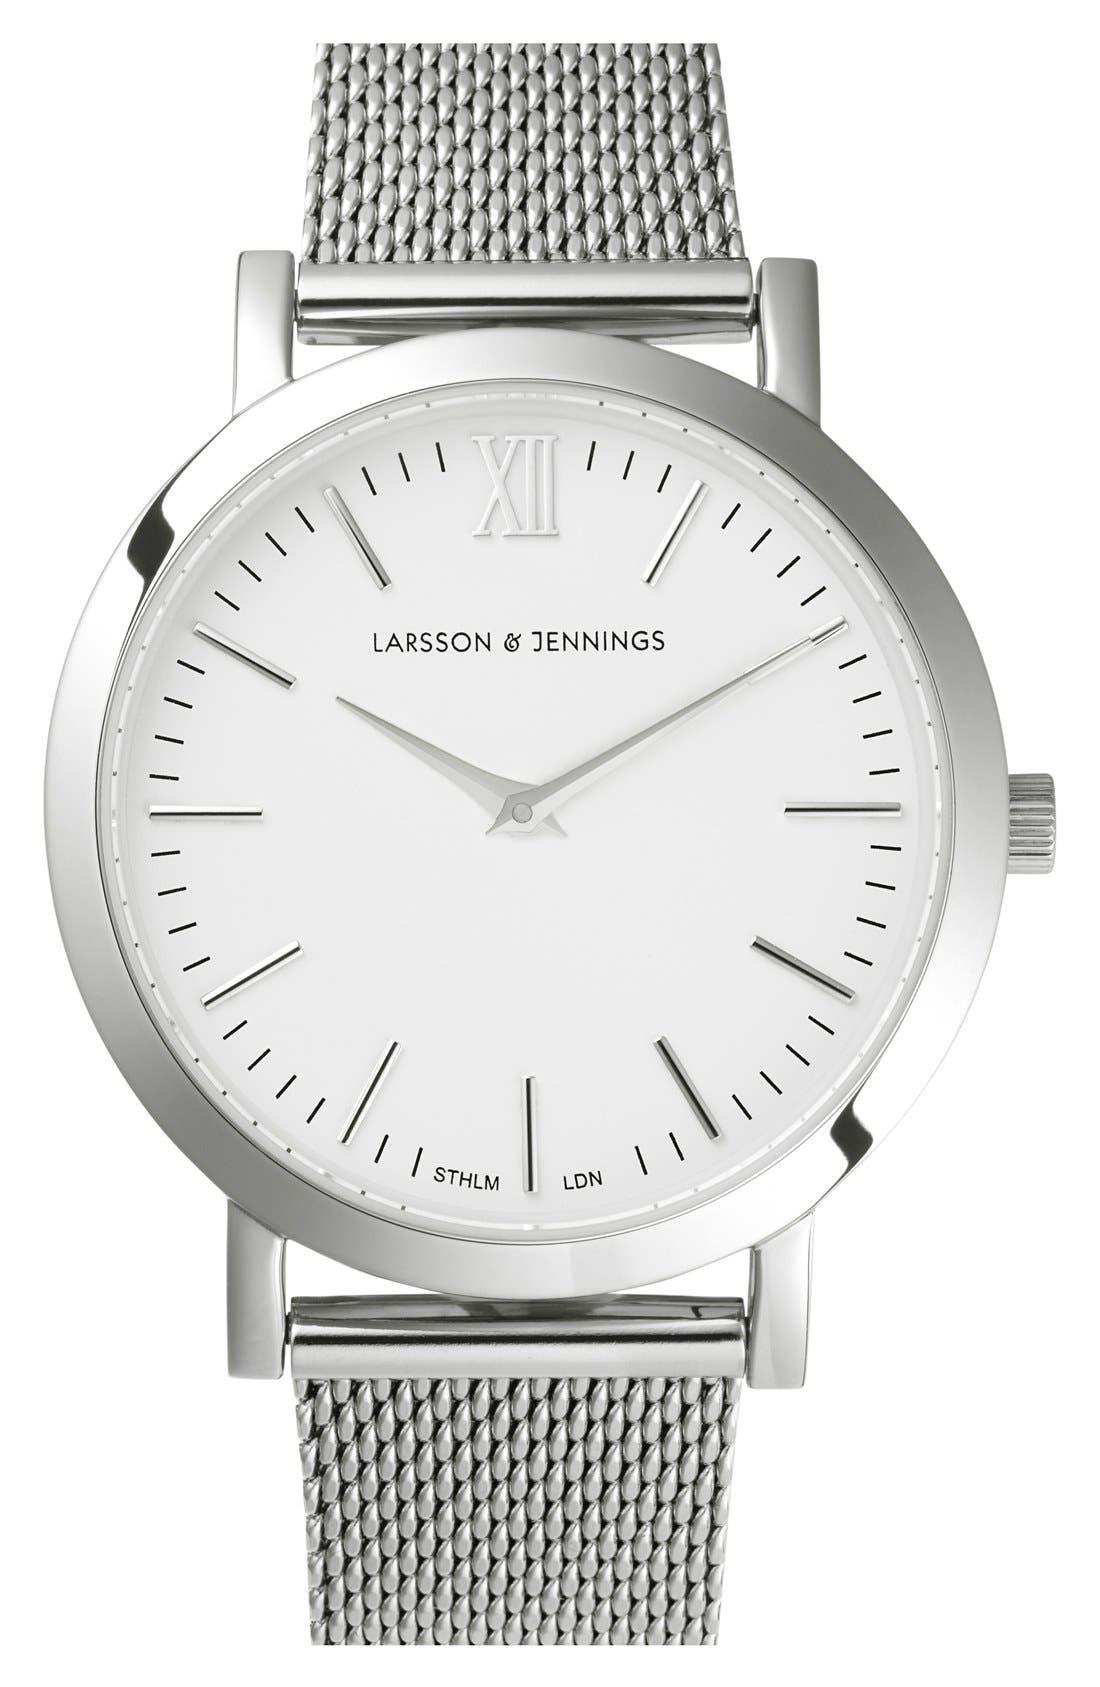 Main Image - Larsson & Jennings 'Lugano' Mesh Strap Watch, 33mm